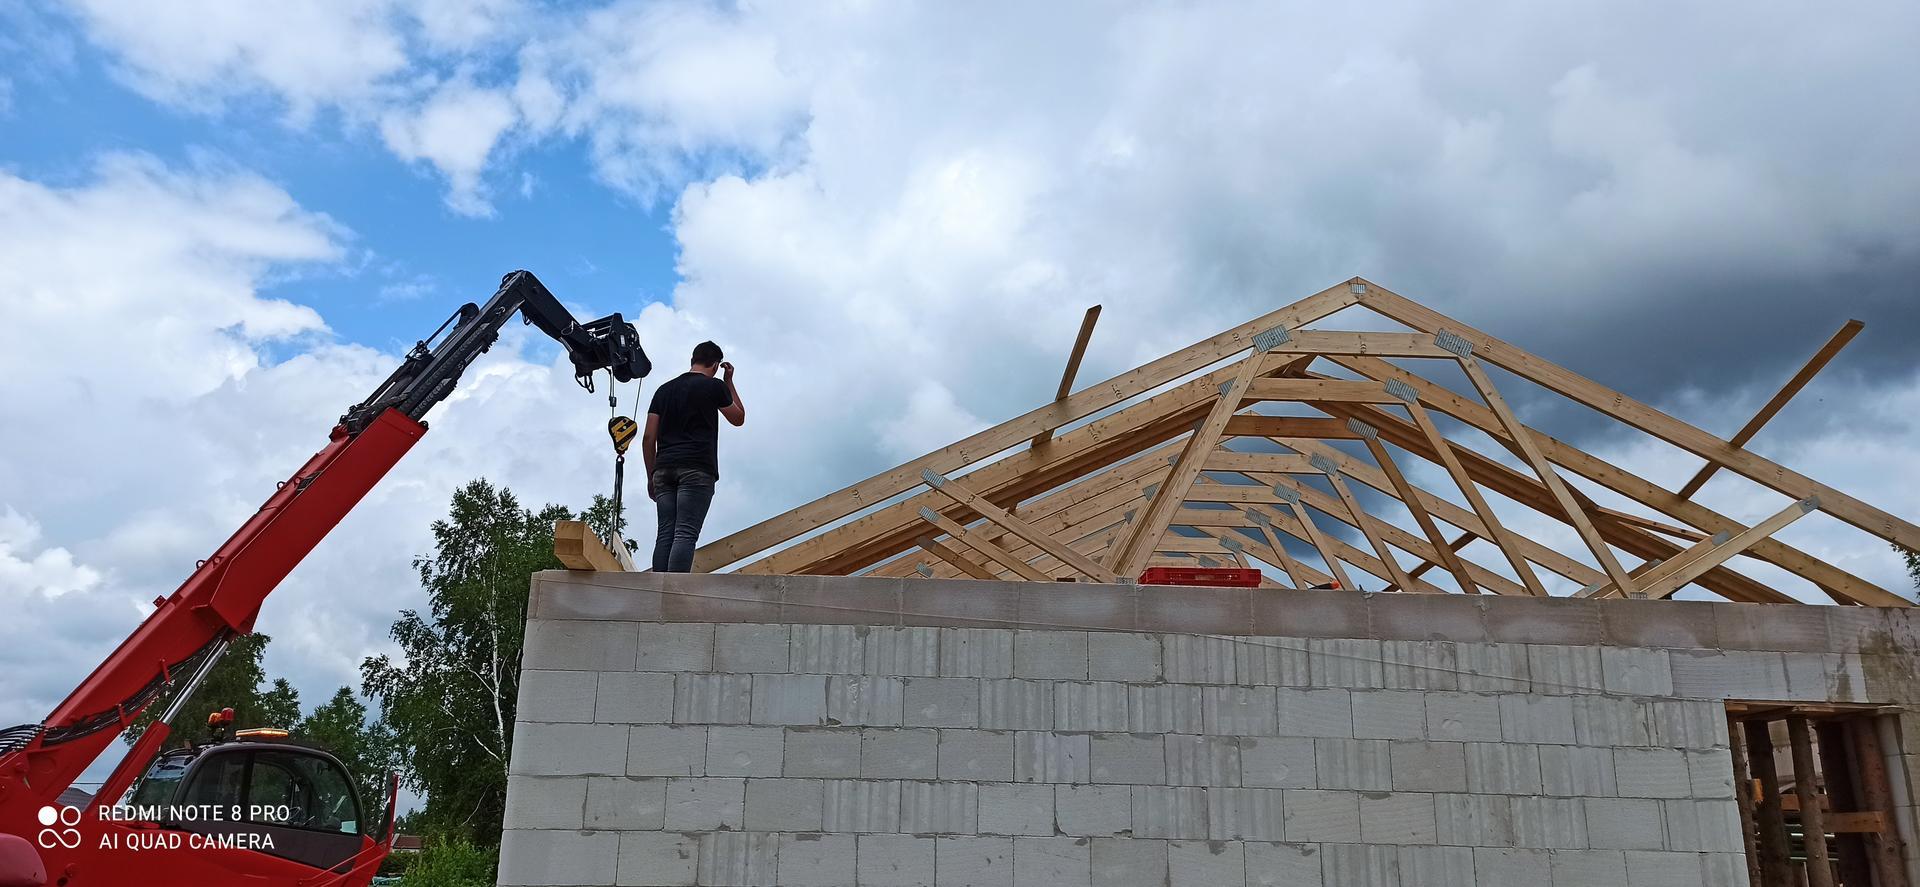 Střecha - Poslední vazník, celé jsme to zmákli za cca 1 hodinu a 45 minut. plus celý den kotvení a zavětrování